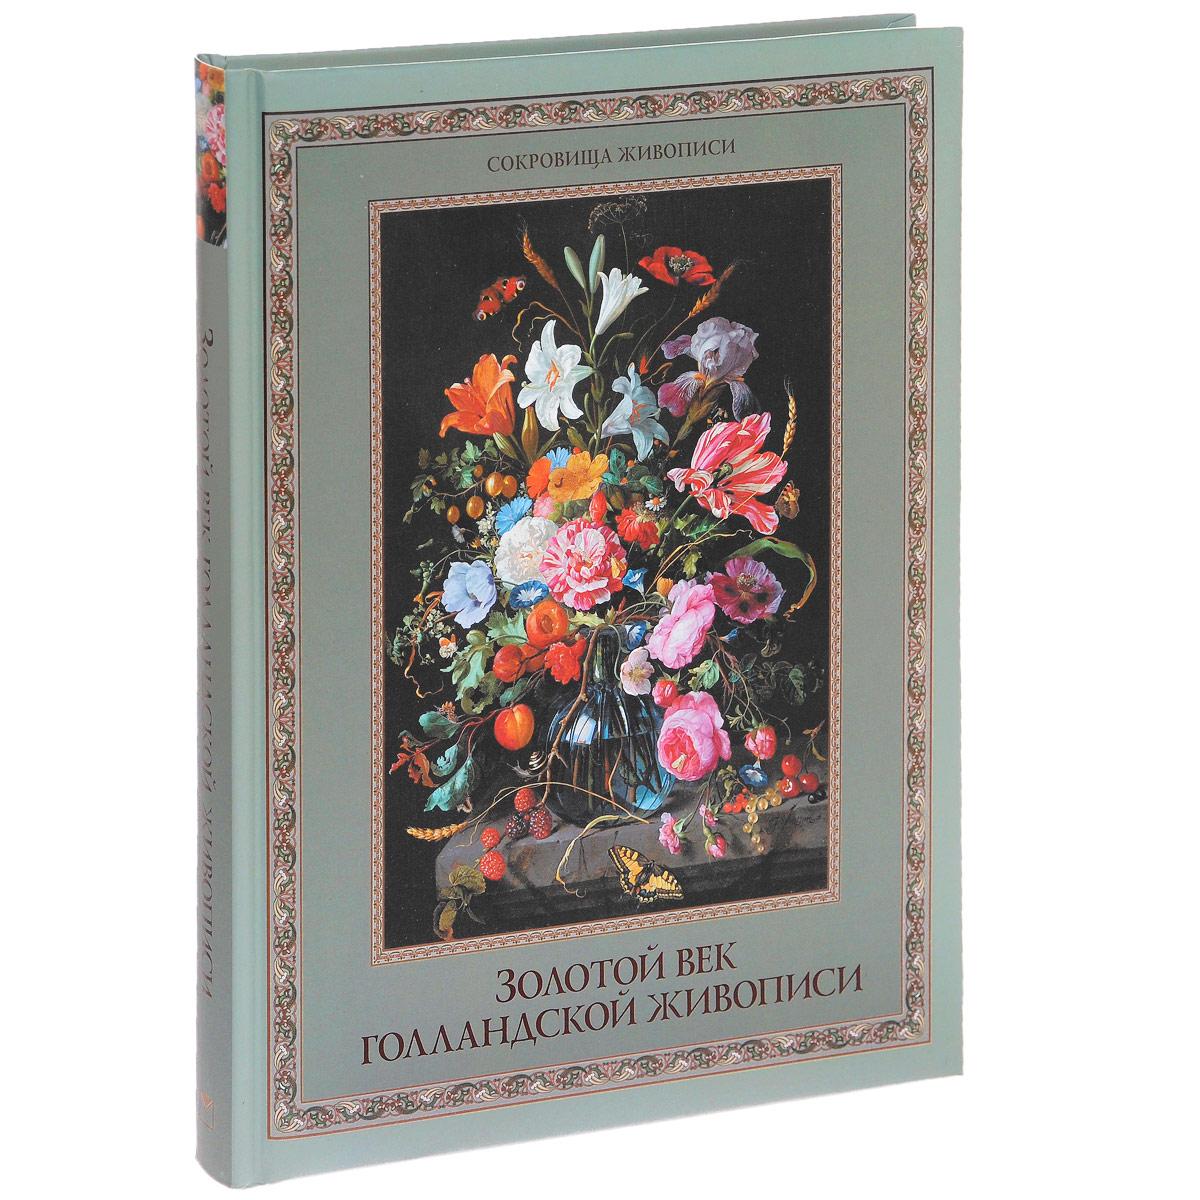 Н. В. Геташвили Золотой век голландской живописи ISBN: 978-5-373-07402-5